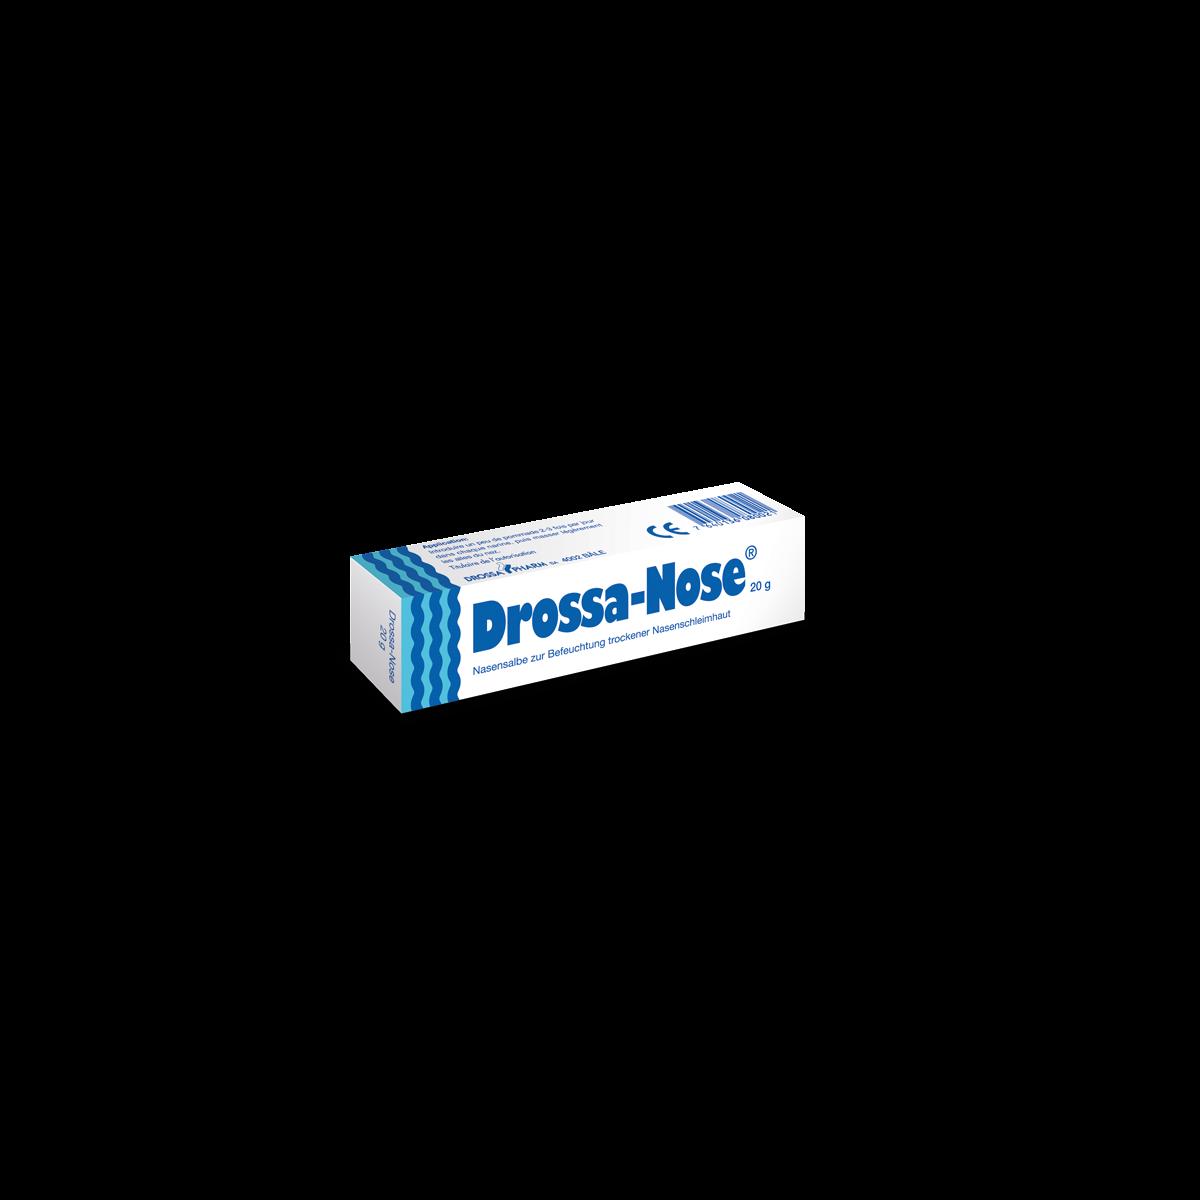 Drossa Nose Nasensalbe 20 g